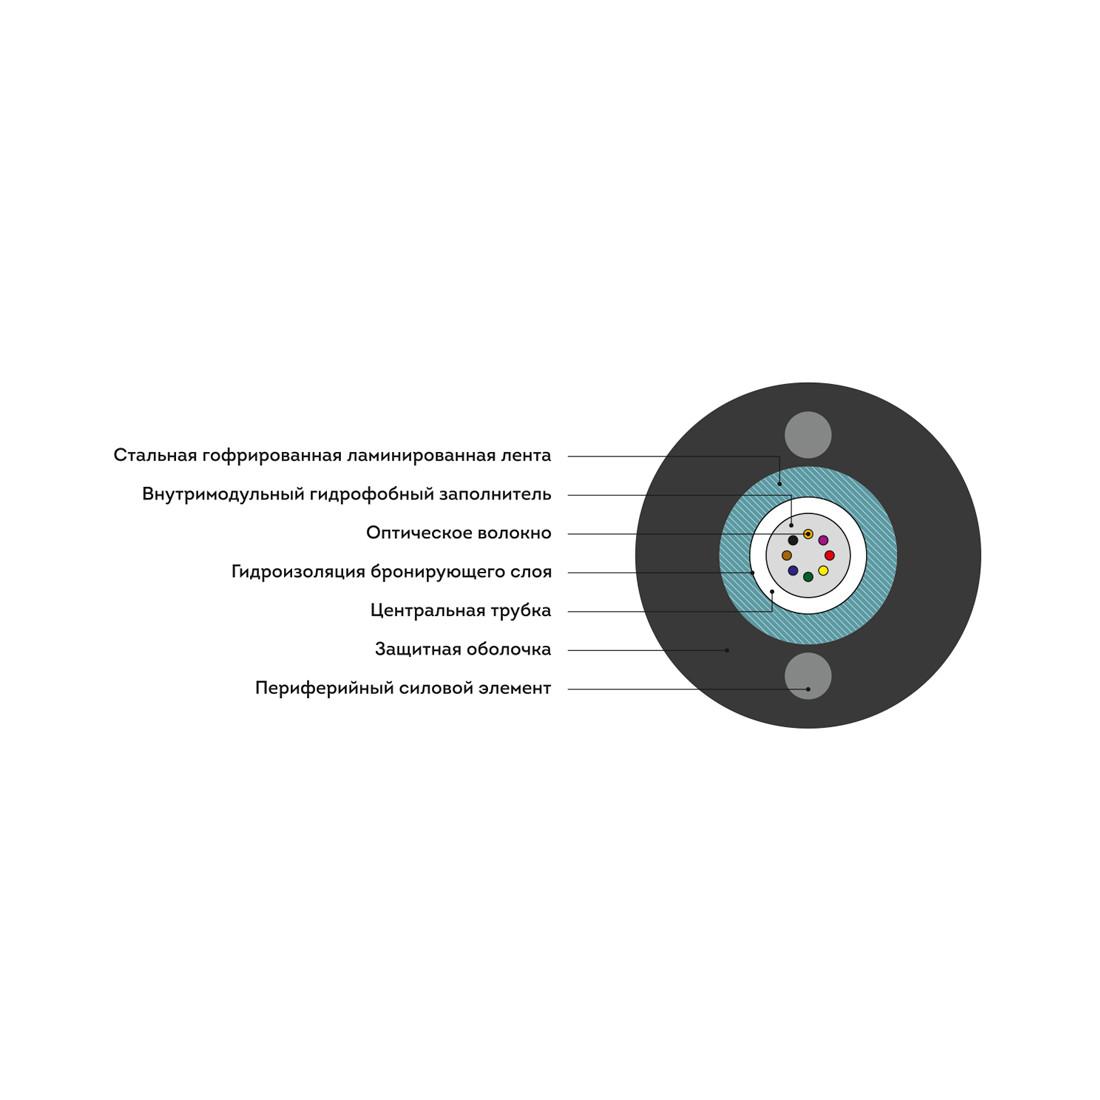 Кабель оптоволоконный ИКСЛ-Т-А16-2,7 кН